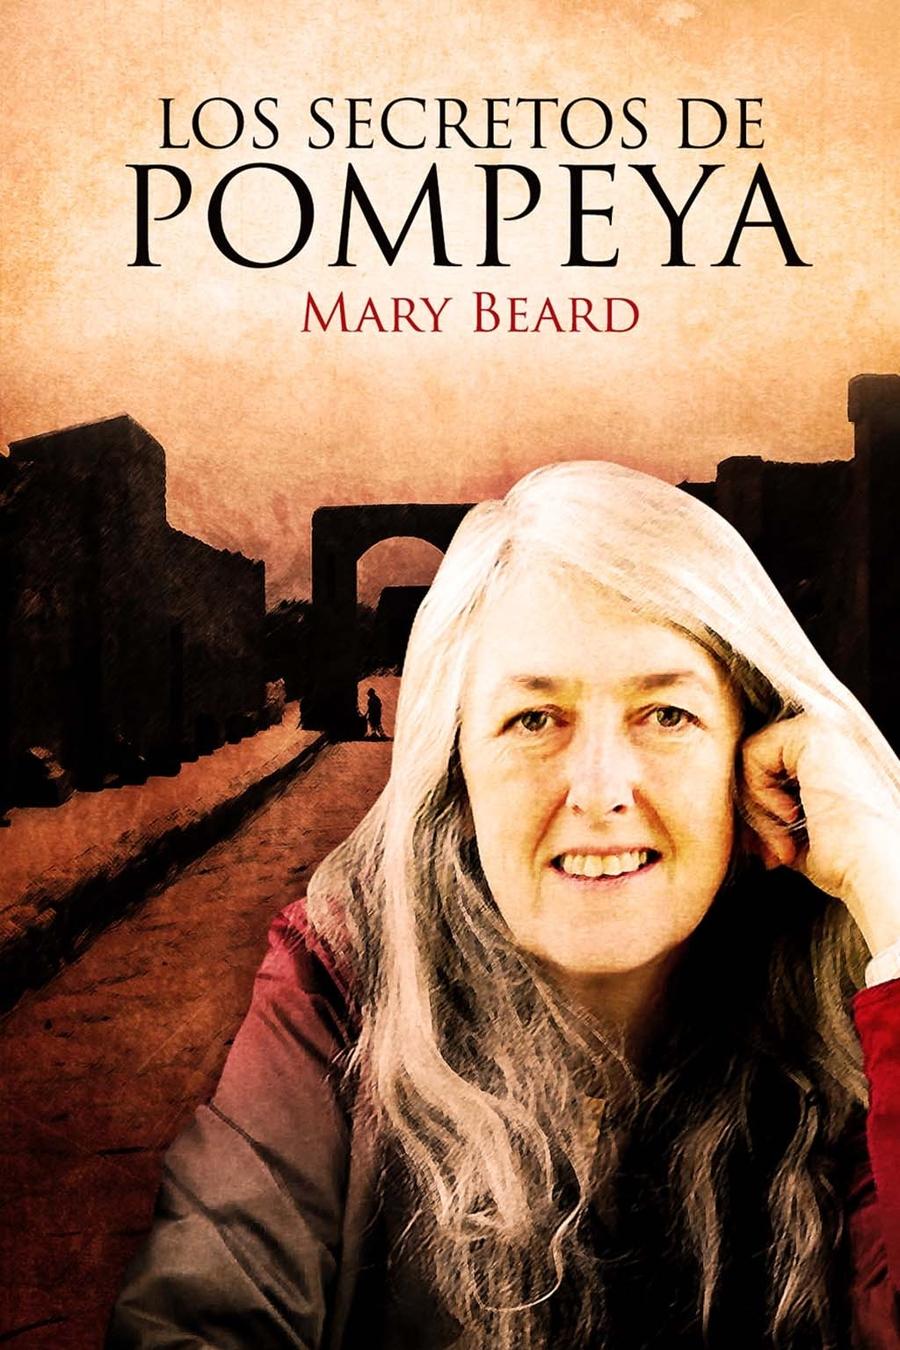 Mary Beard: Los secretos de Pompeya